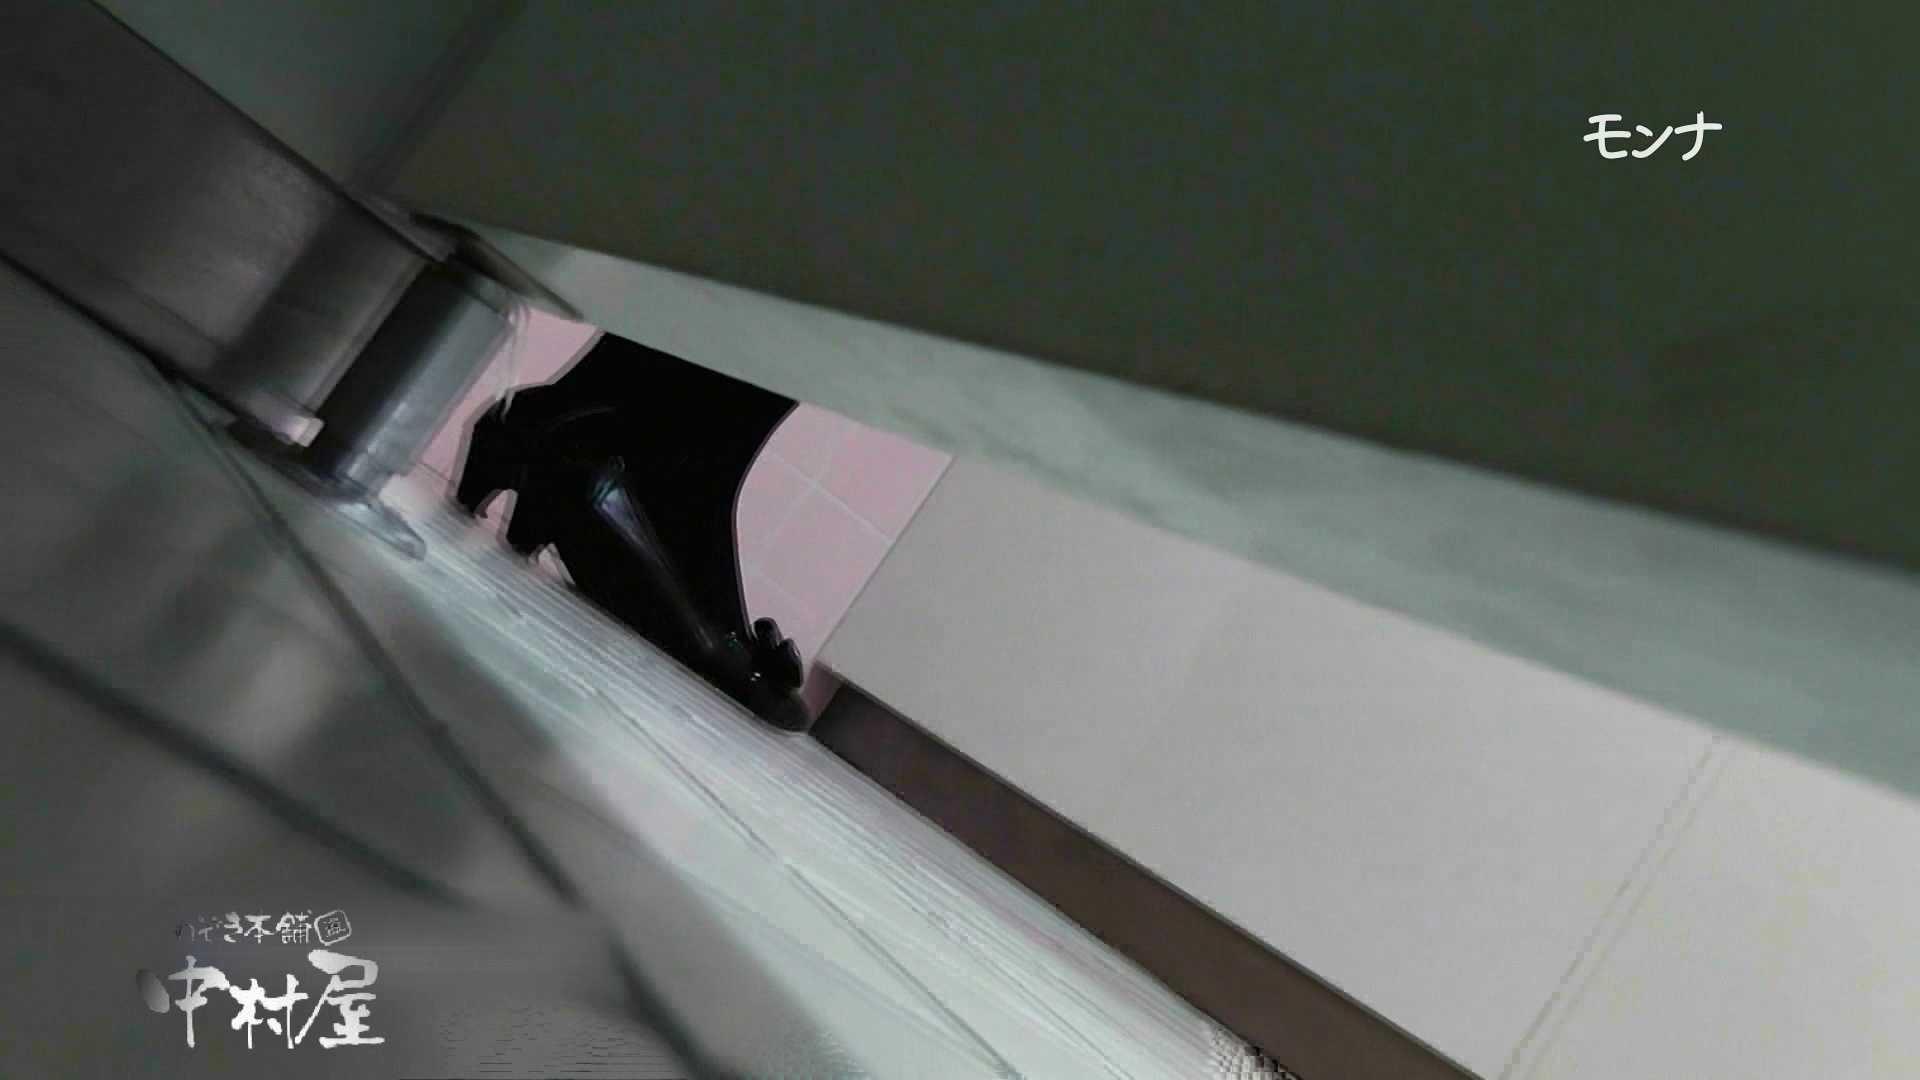 【美しい日本の未来】遂に!!戸田恵梨香似の予告モデル登場ダッシュで「大」後編 盗撮 エロ画像 59画像 38